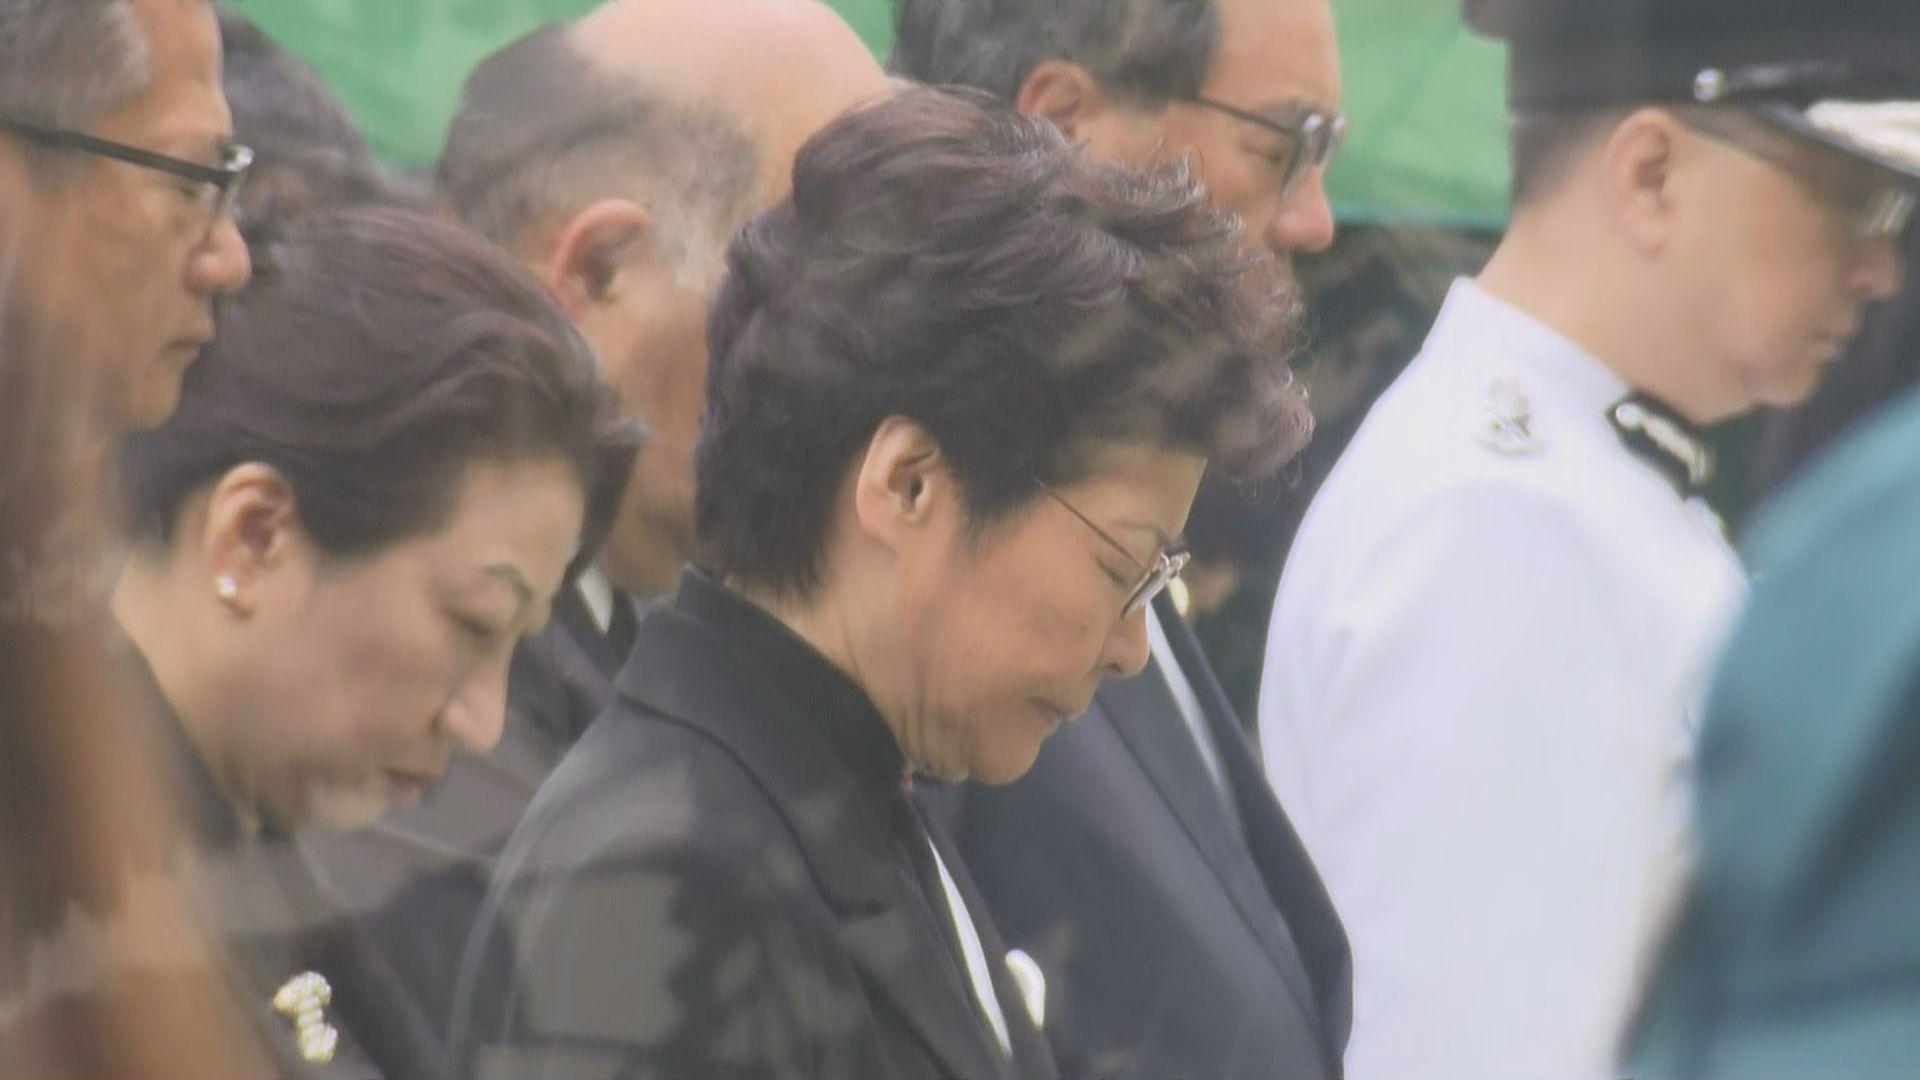 林鄭月娥出席儀式 悼念為保衞香港捐軀人士